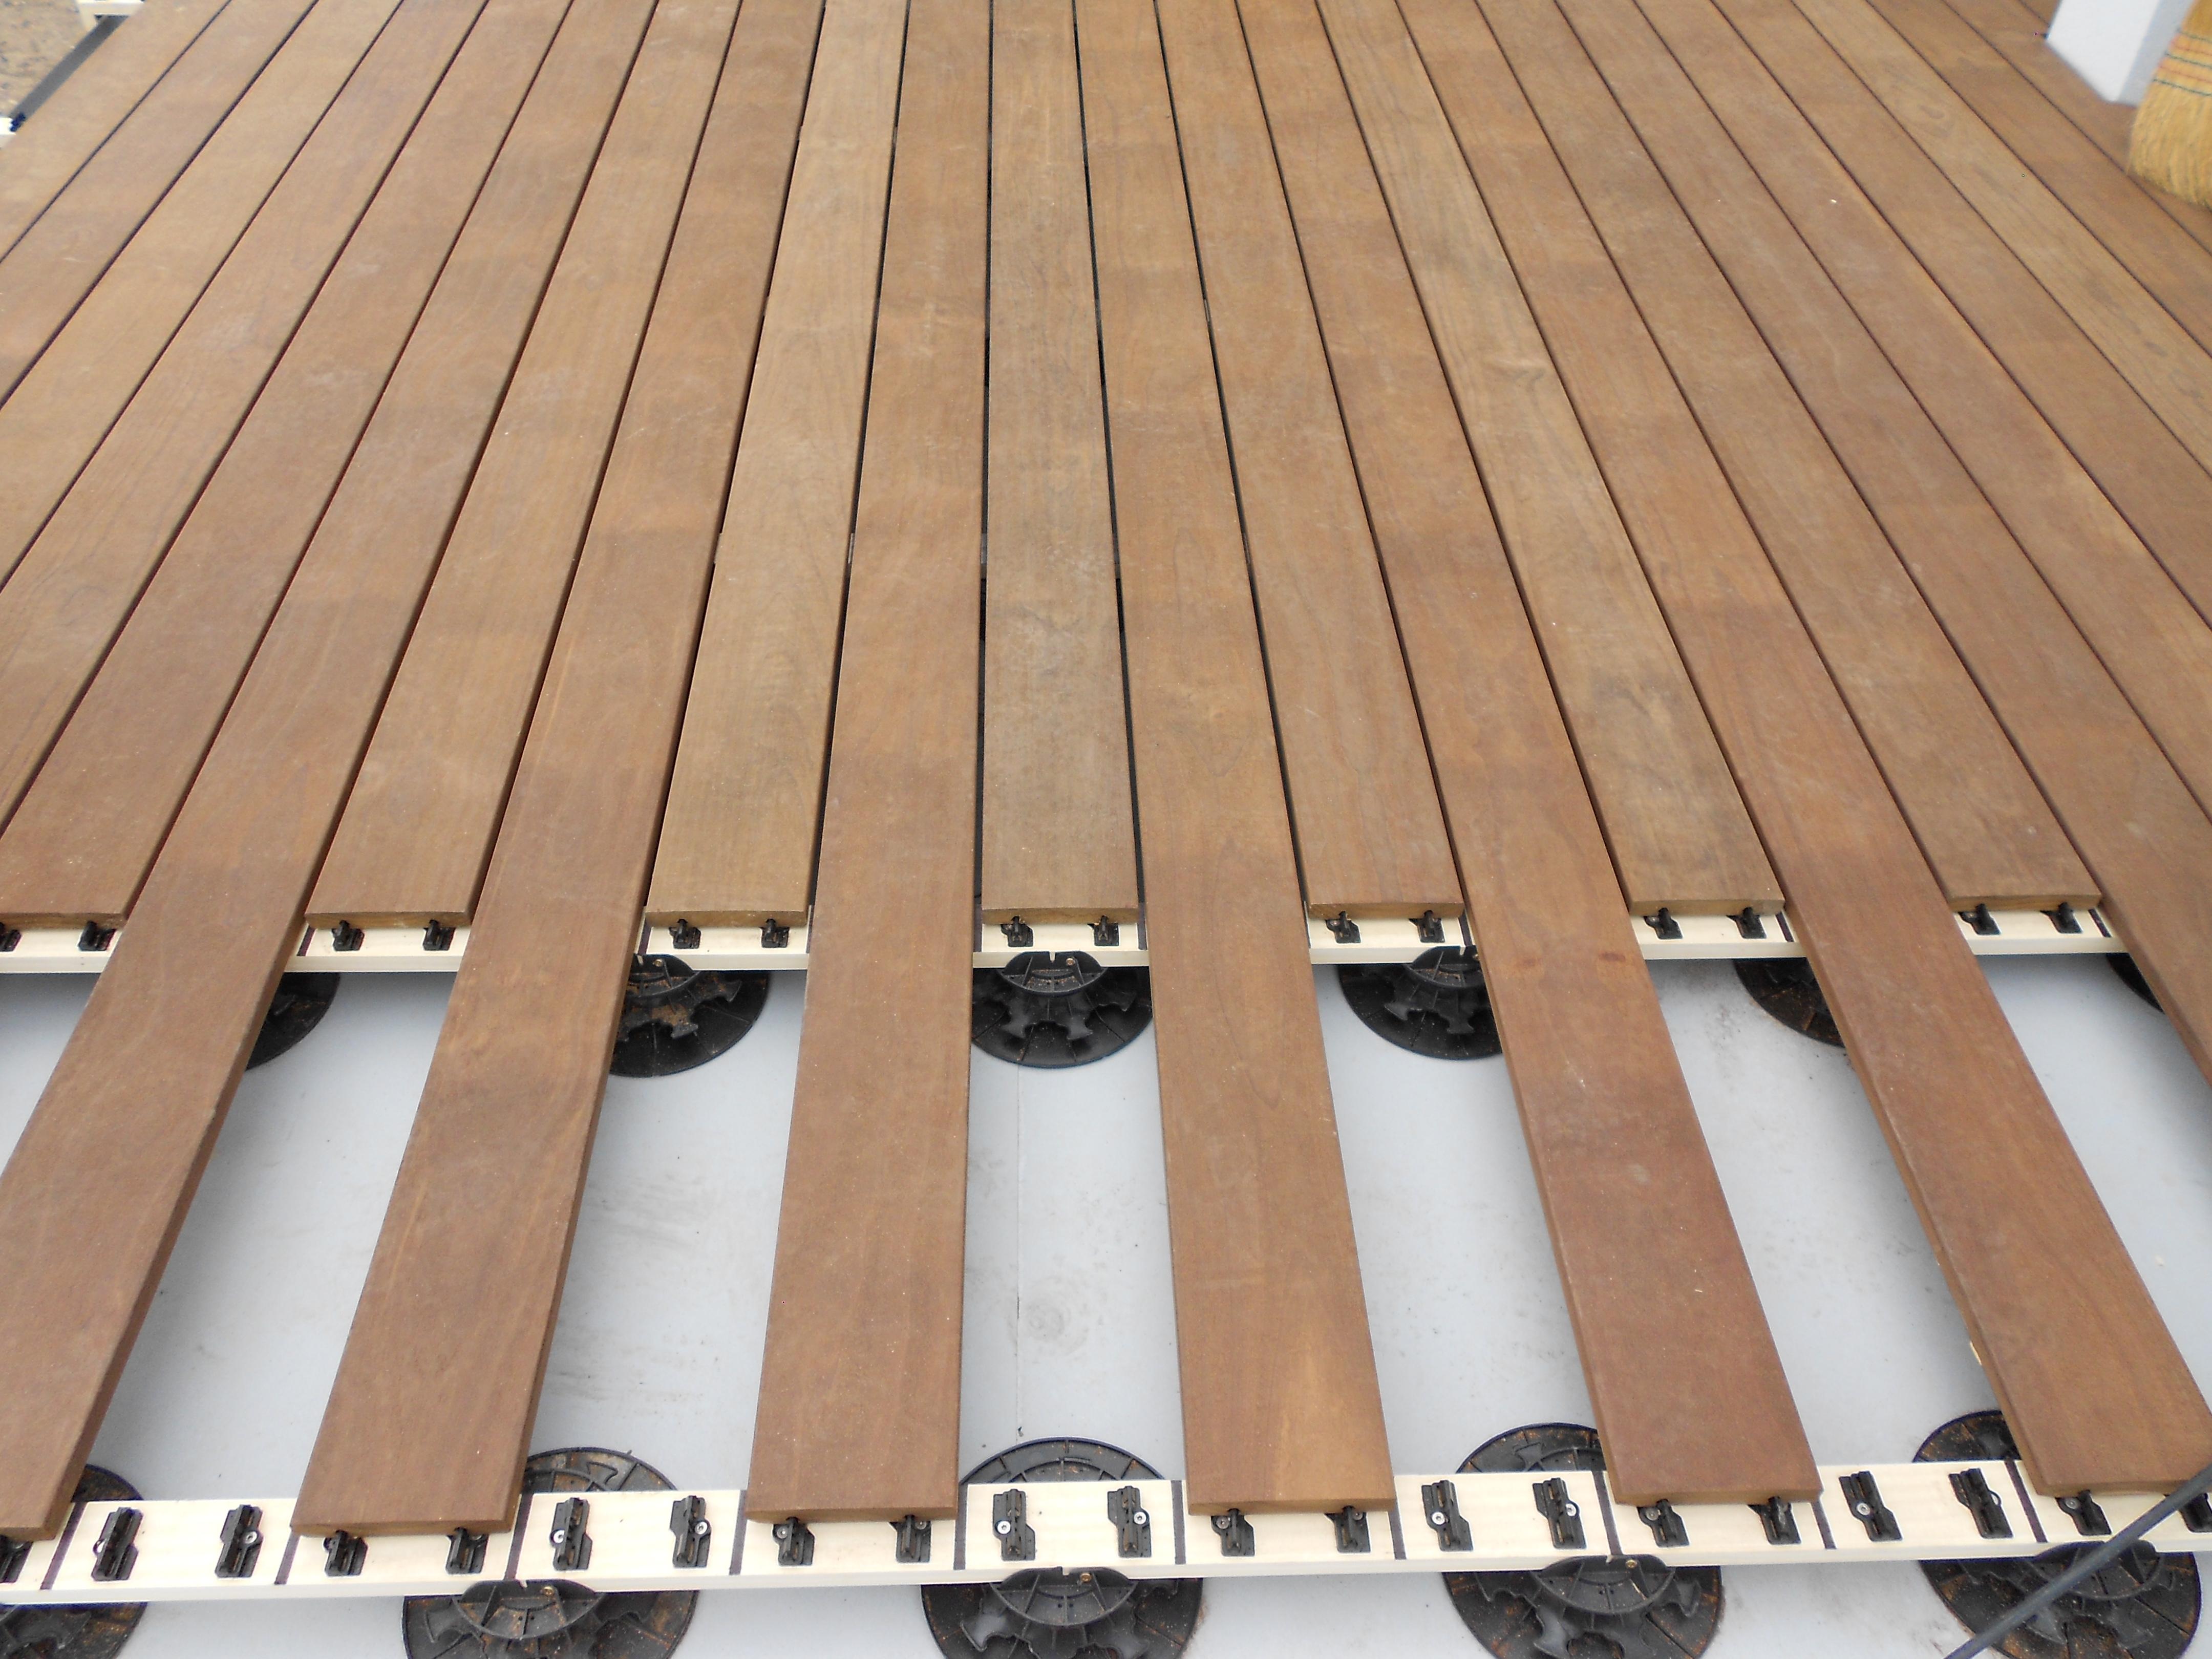 Holzterrasse München terrasse bauen wpc holz terrassenbelag muster verlegen u2013